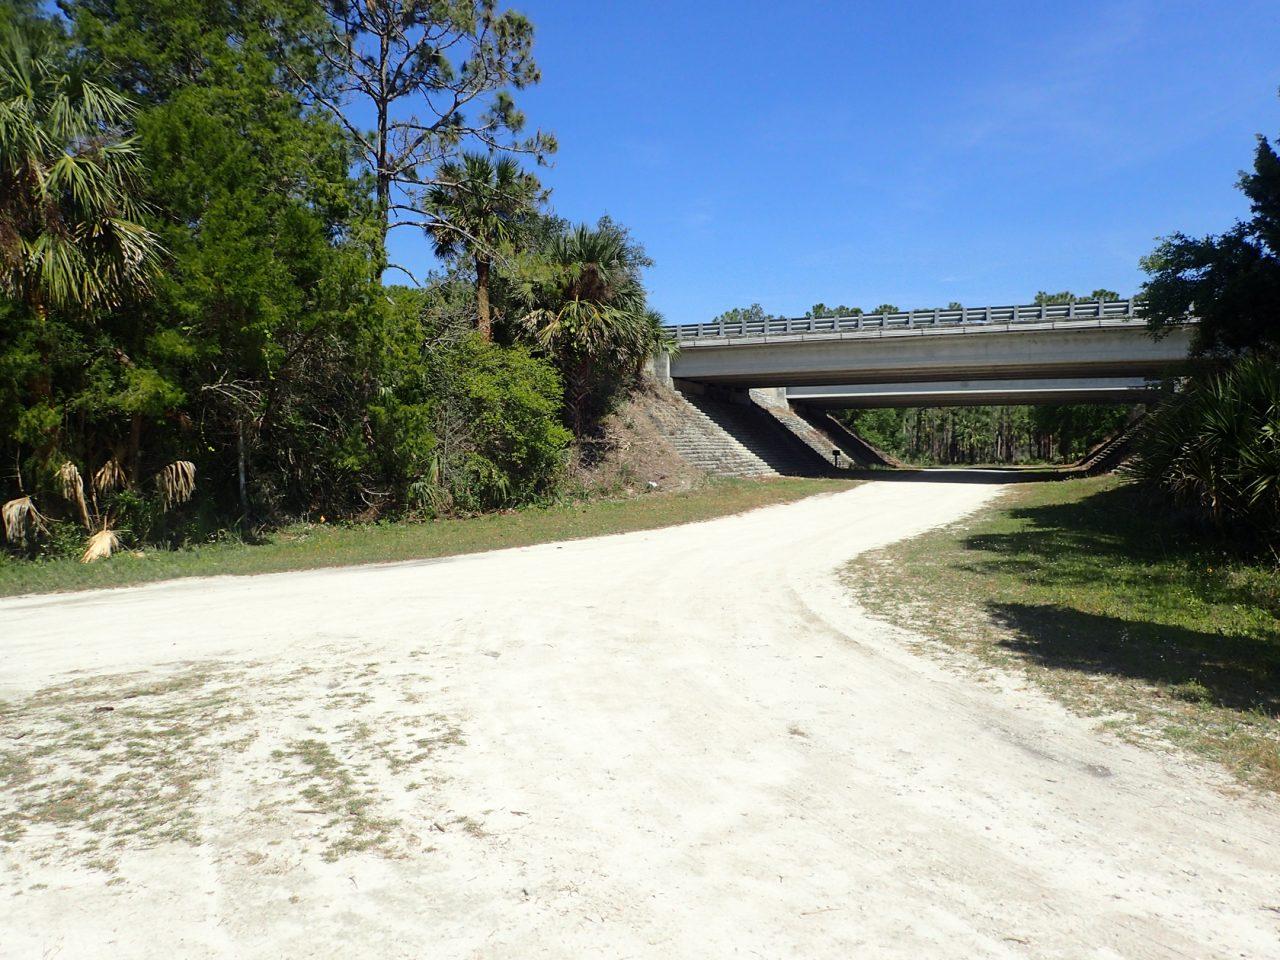 SR 528 underpass